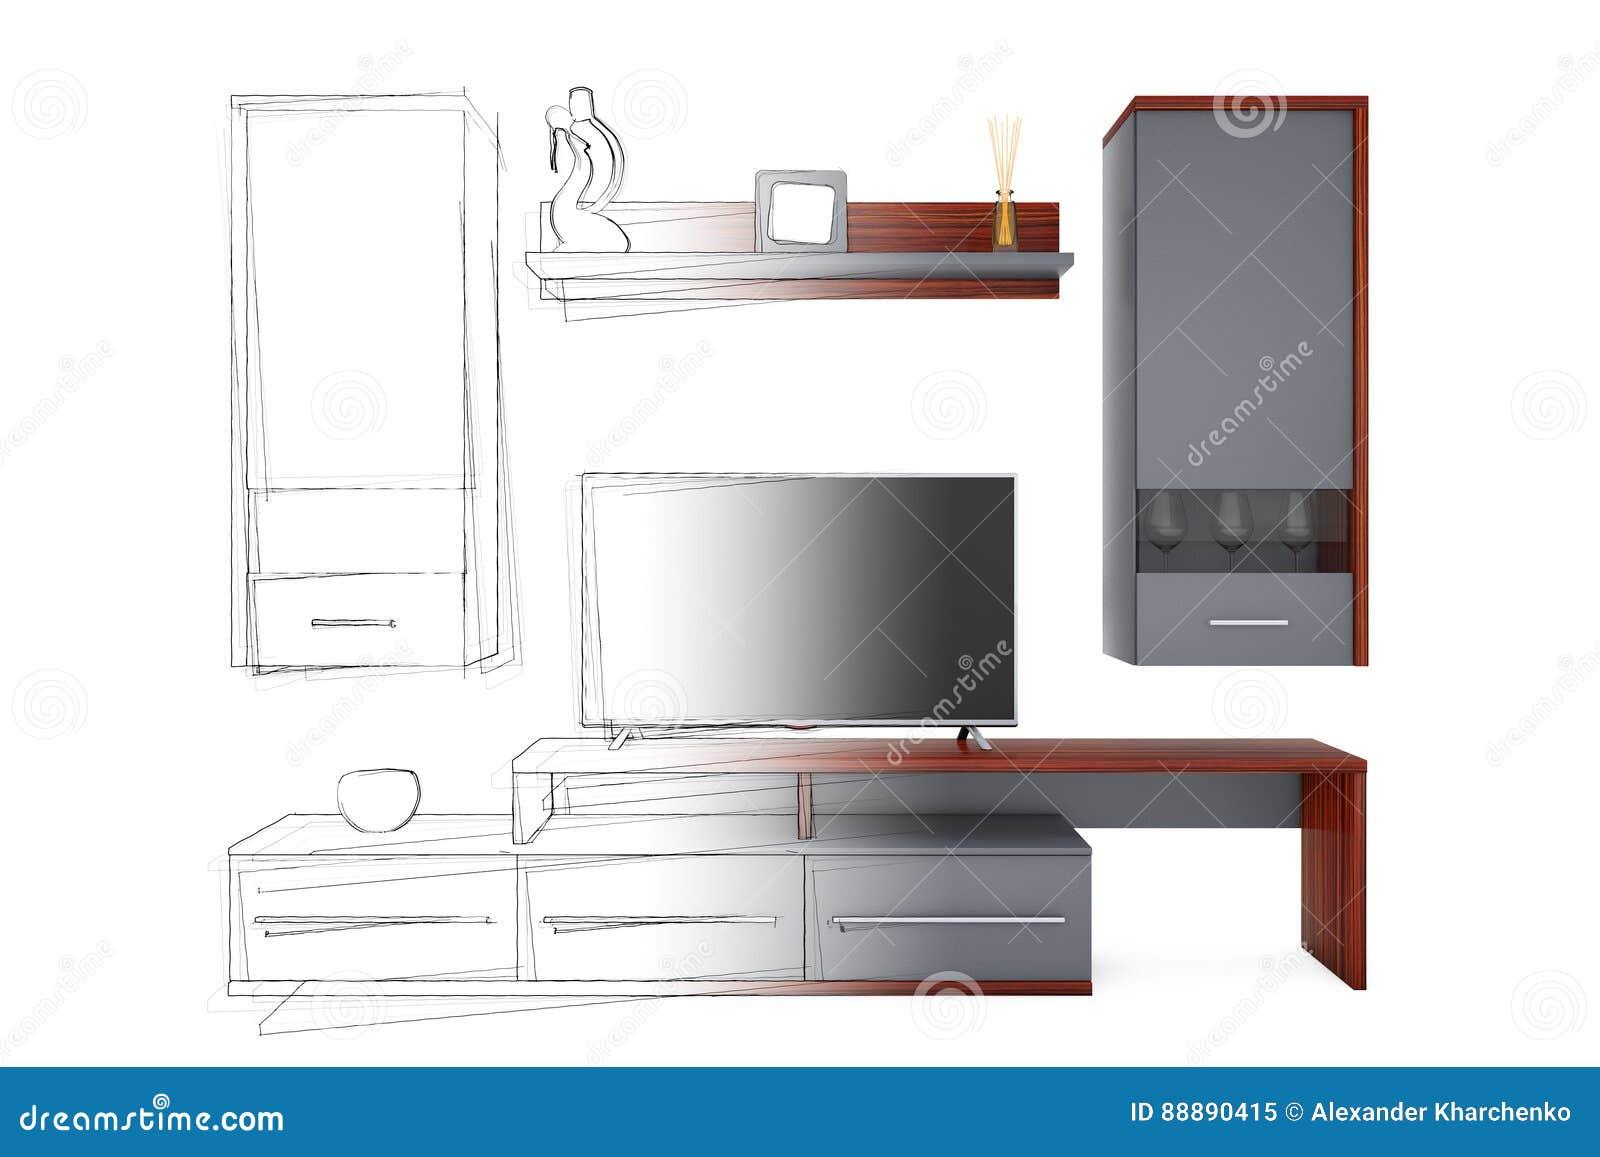 从剪影手图画想法到现代客厅组合壁橱